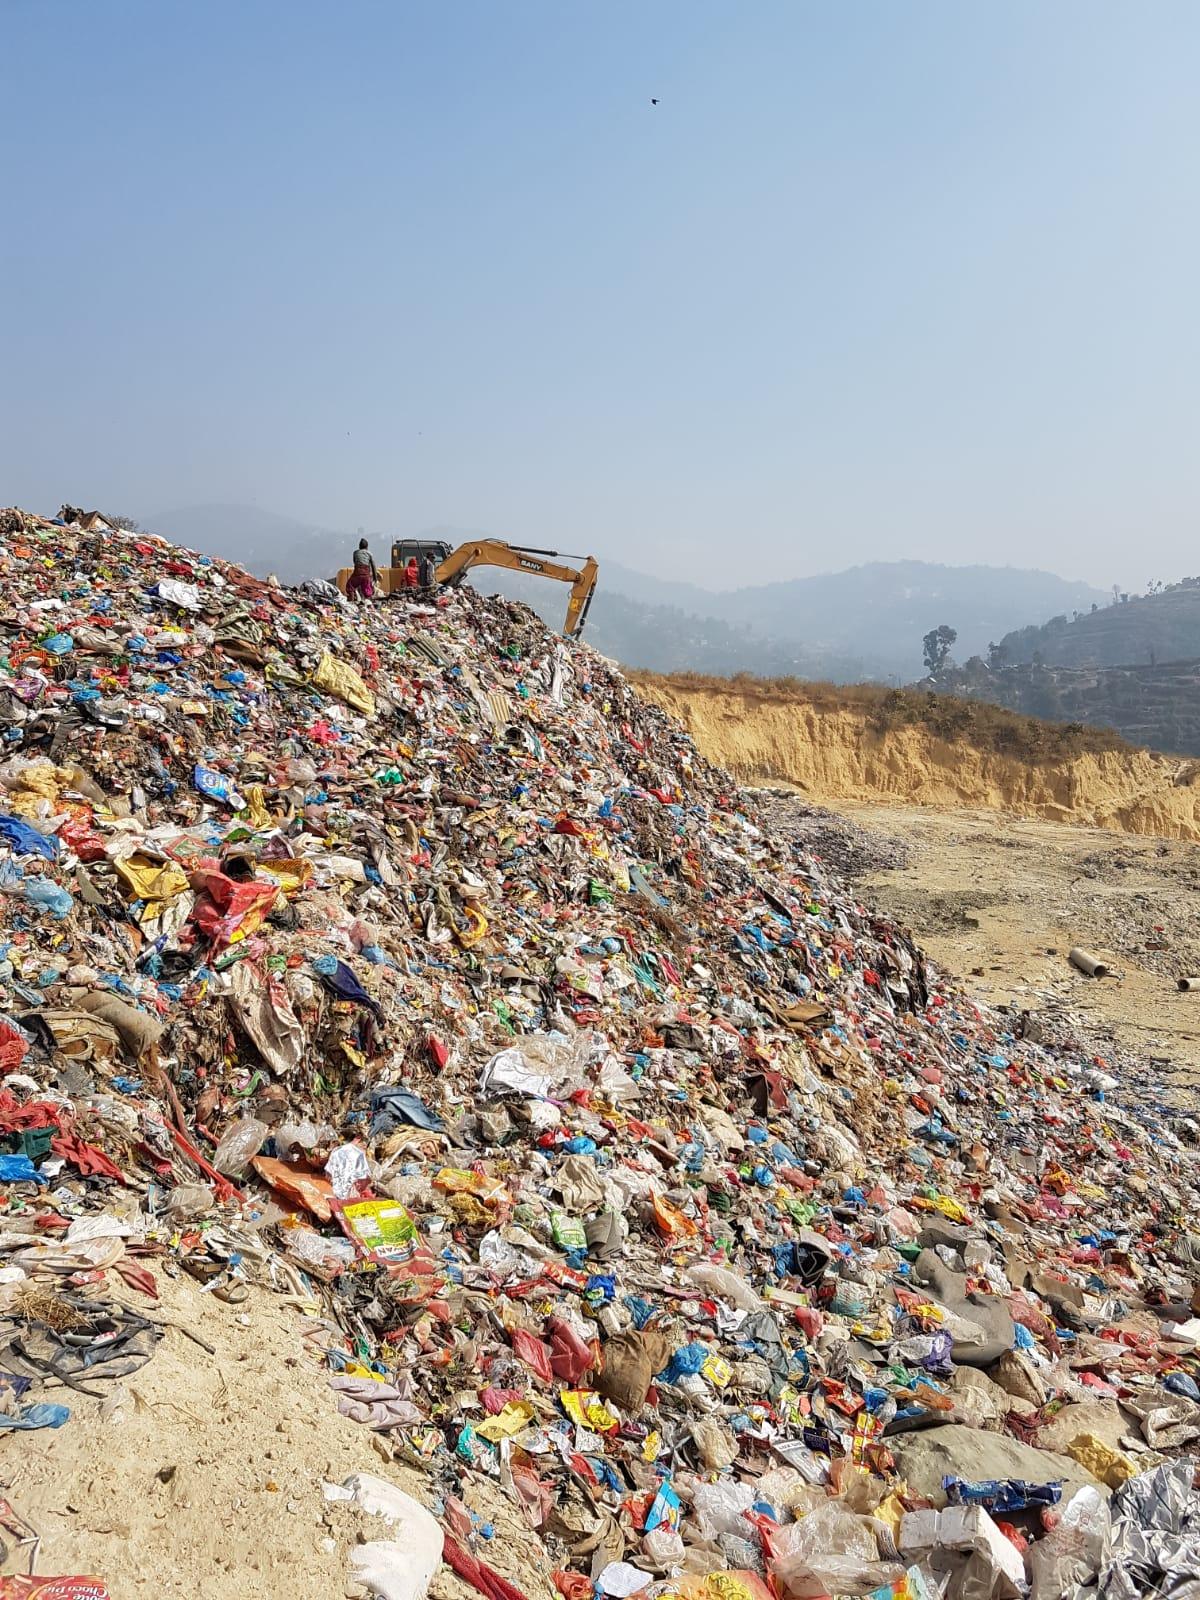 Die Müllhalden Kathmandus bringen große Umweltprobleme mit sich. Foto: Ärzte der Welt